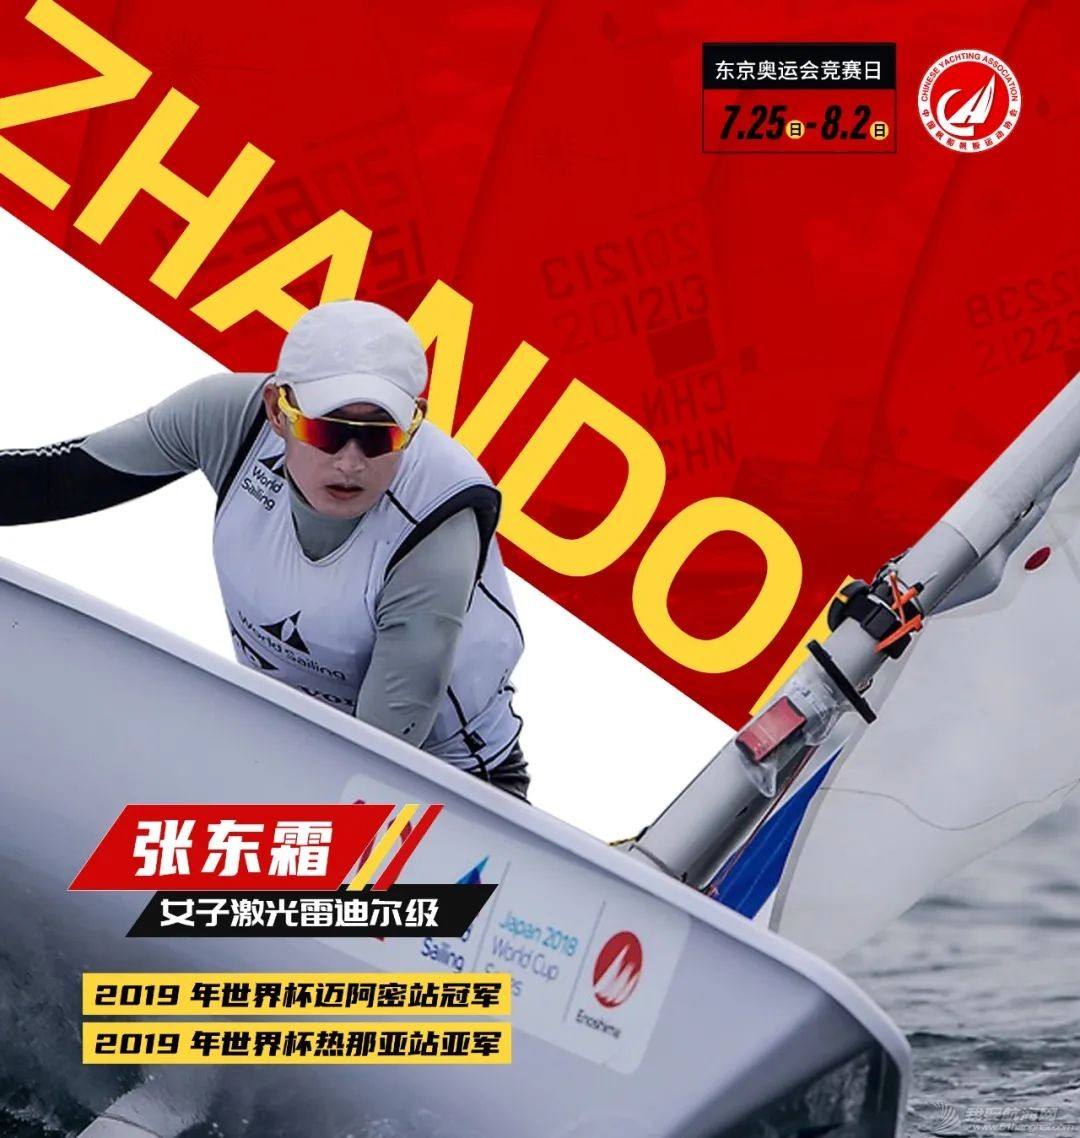 东京奥运会倒计时100天 京东助力中国帆船帆板队全力备战w5.jpg